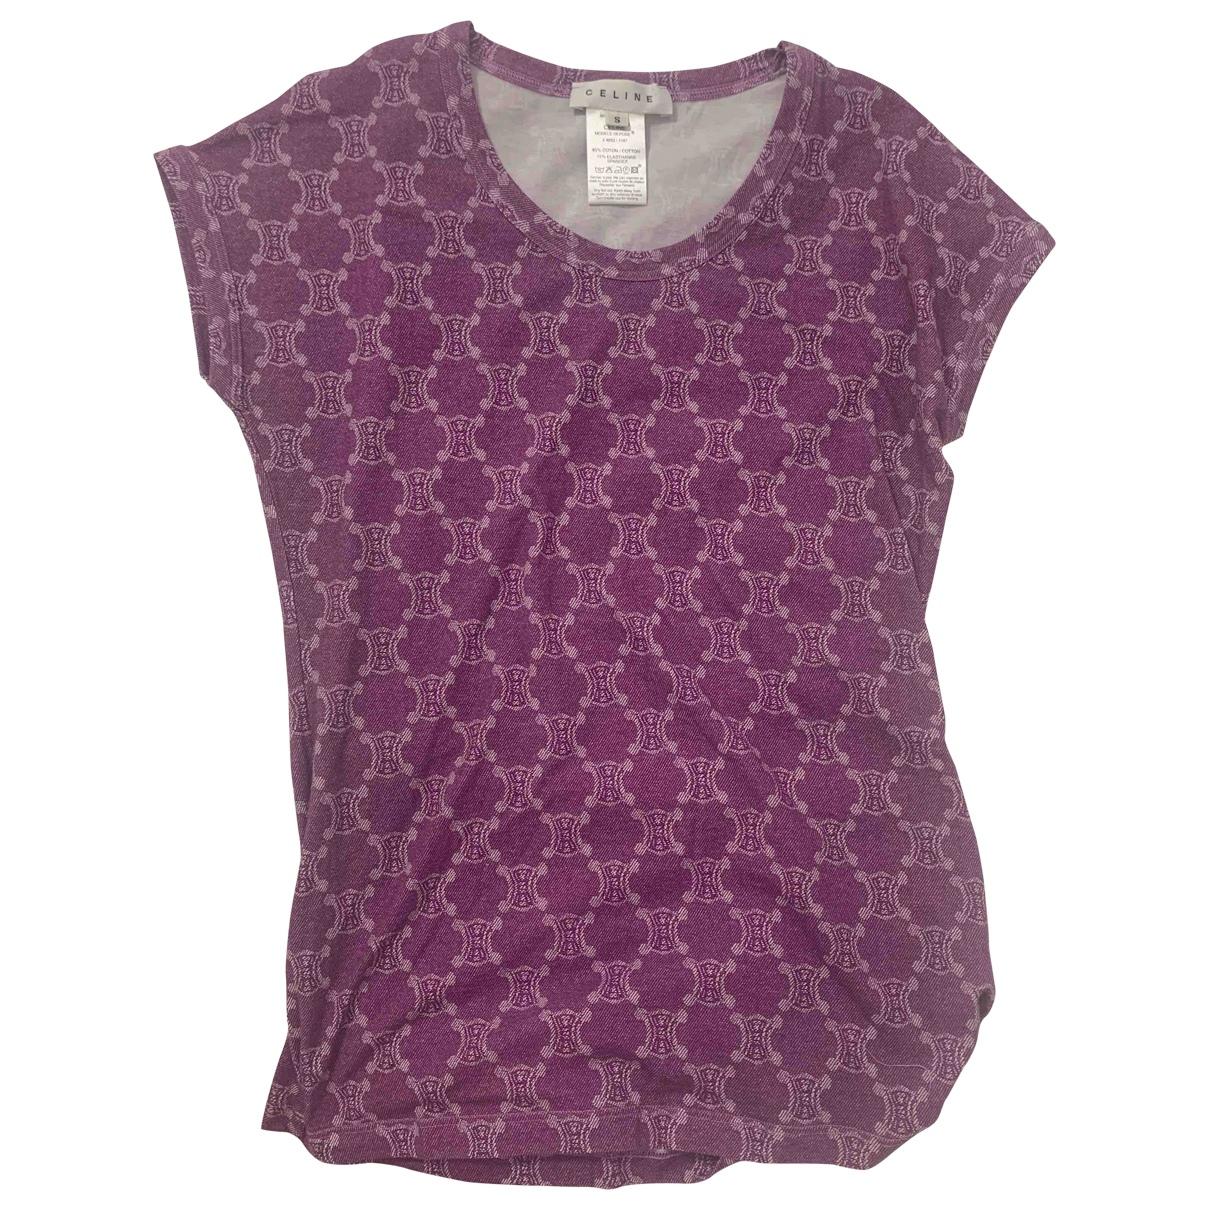 Celine \N Purple Cotton  top for Women 8 UK